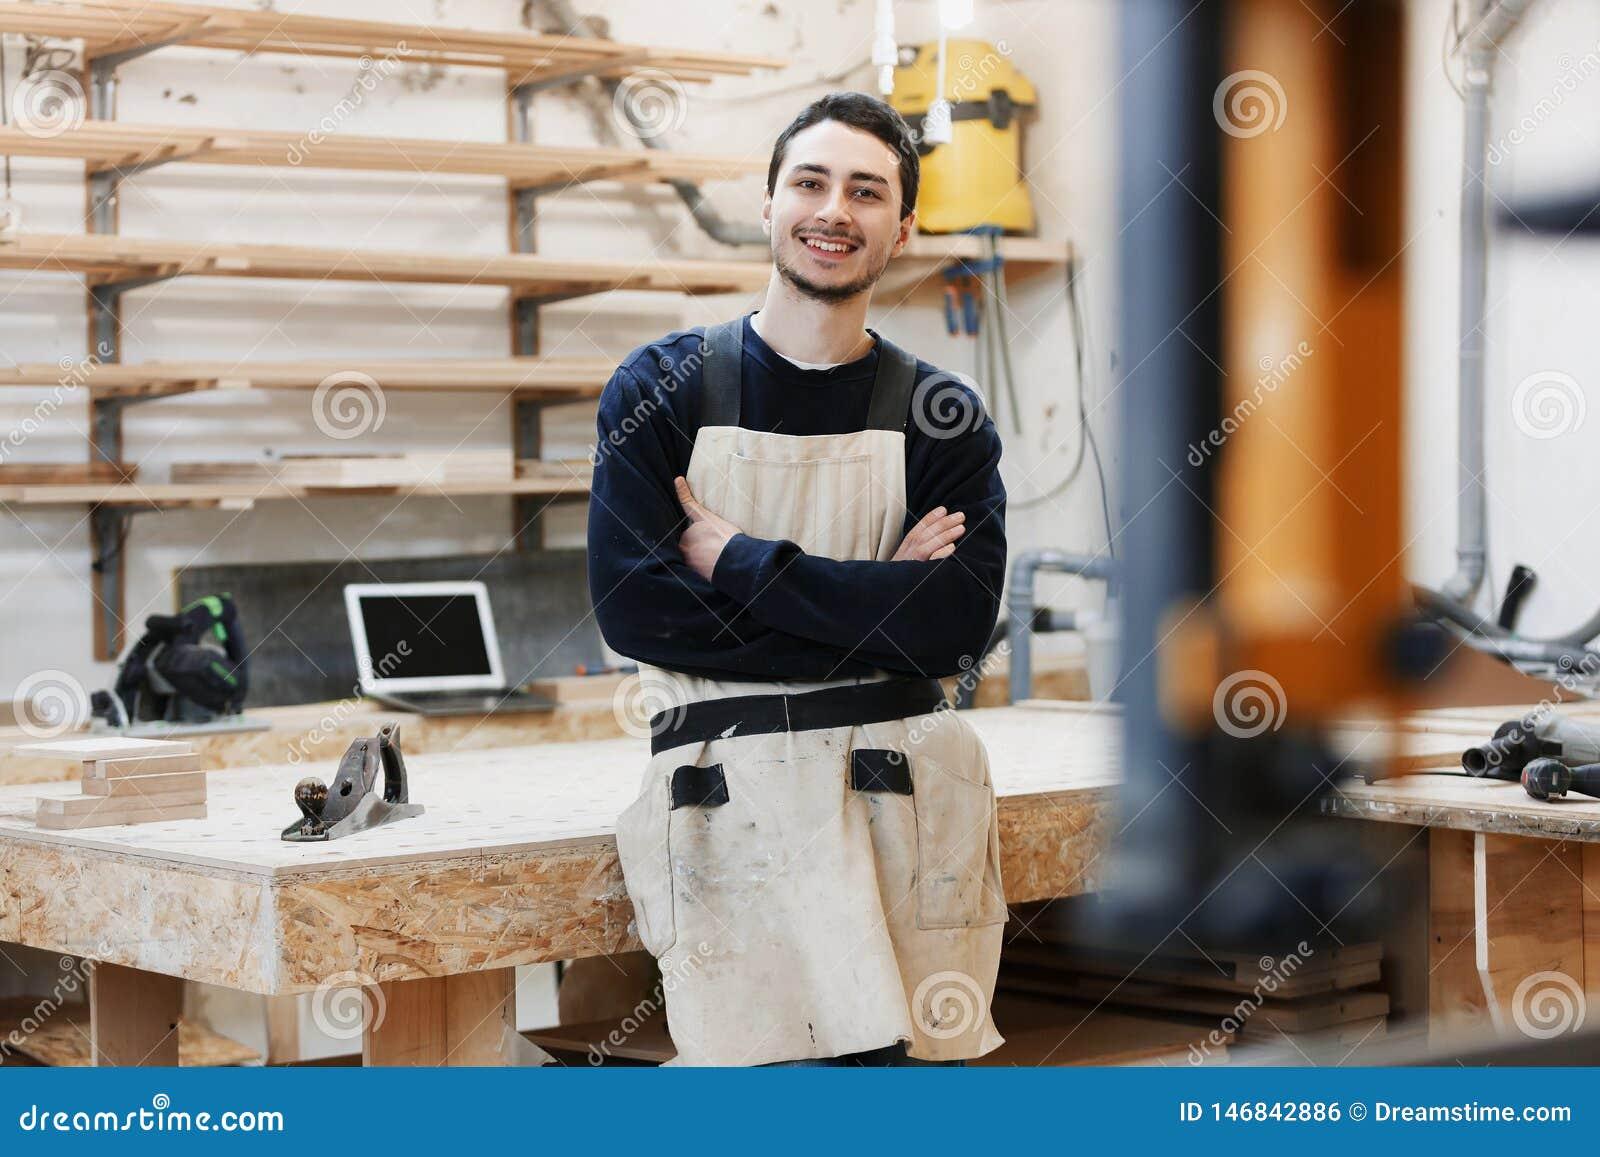 El retrato del carpintero en ropa de trabajo delante del banco de trabajo Retrato del hombre sonriente en el trabajo en taller de